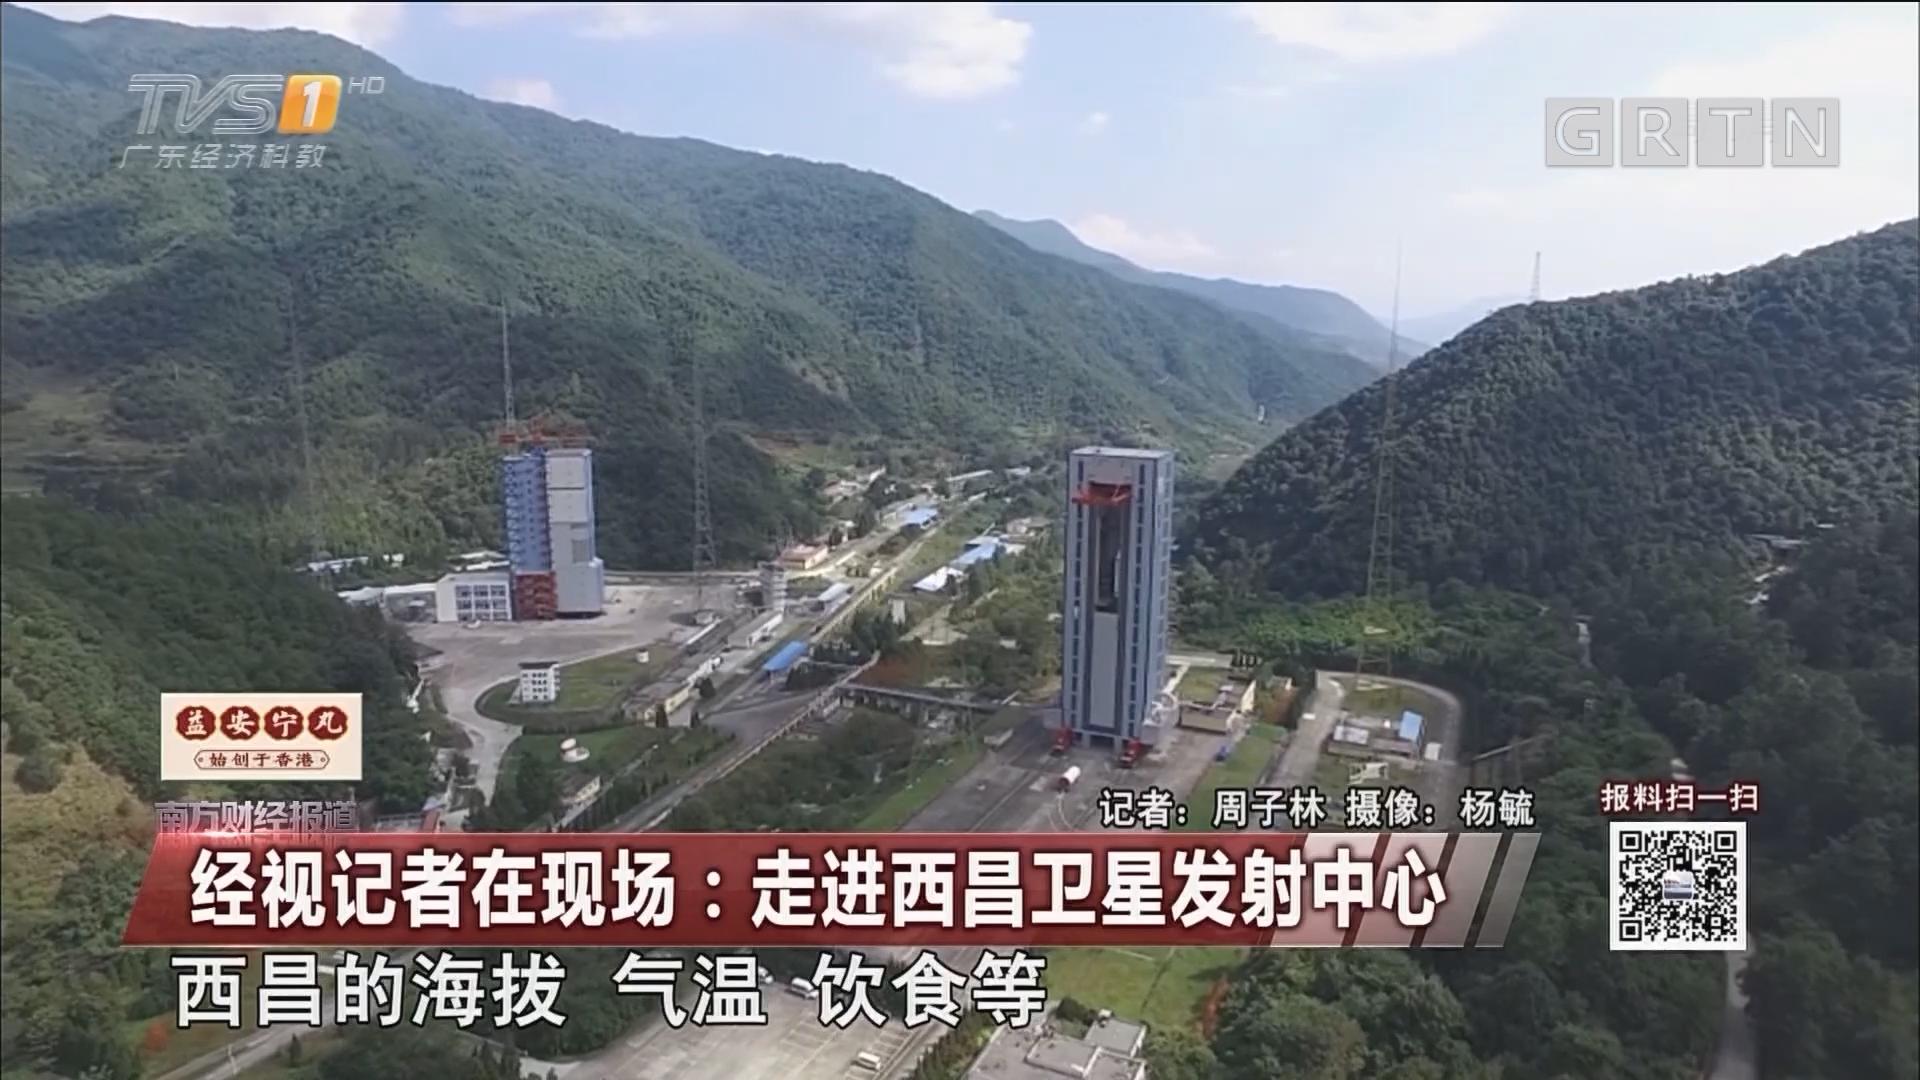 经视记者在现场:走进西昌卫星发射中心(二)